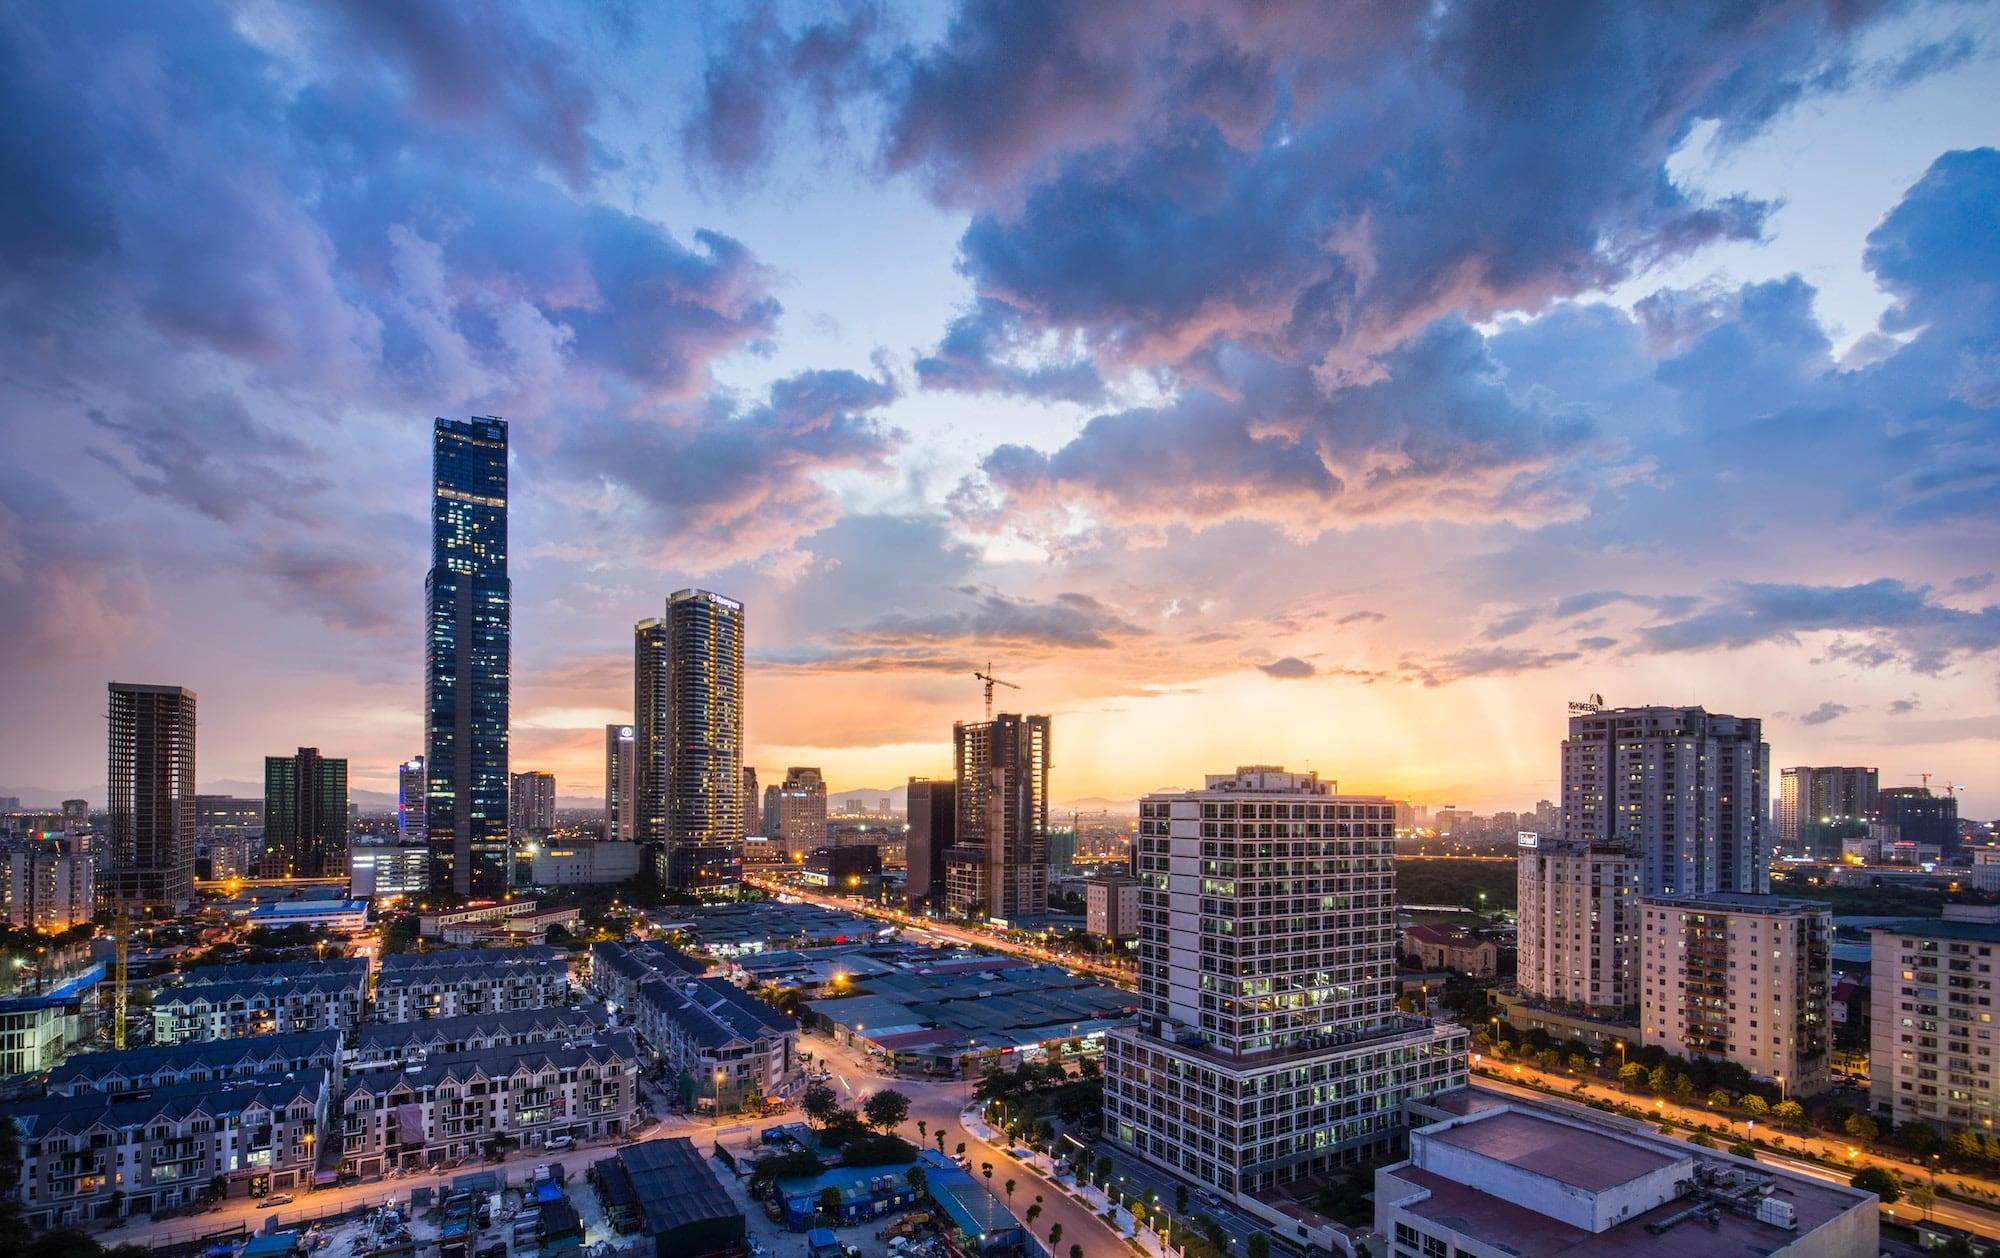 Tái khởi động mạnh mẽ để kích cầu thị trường bất động sản